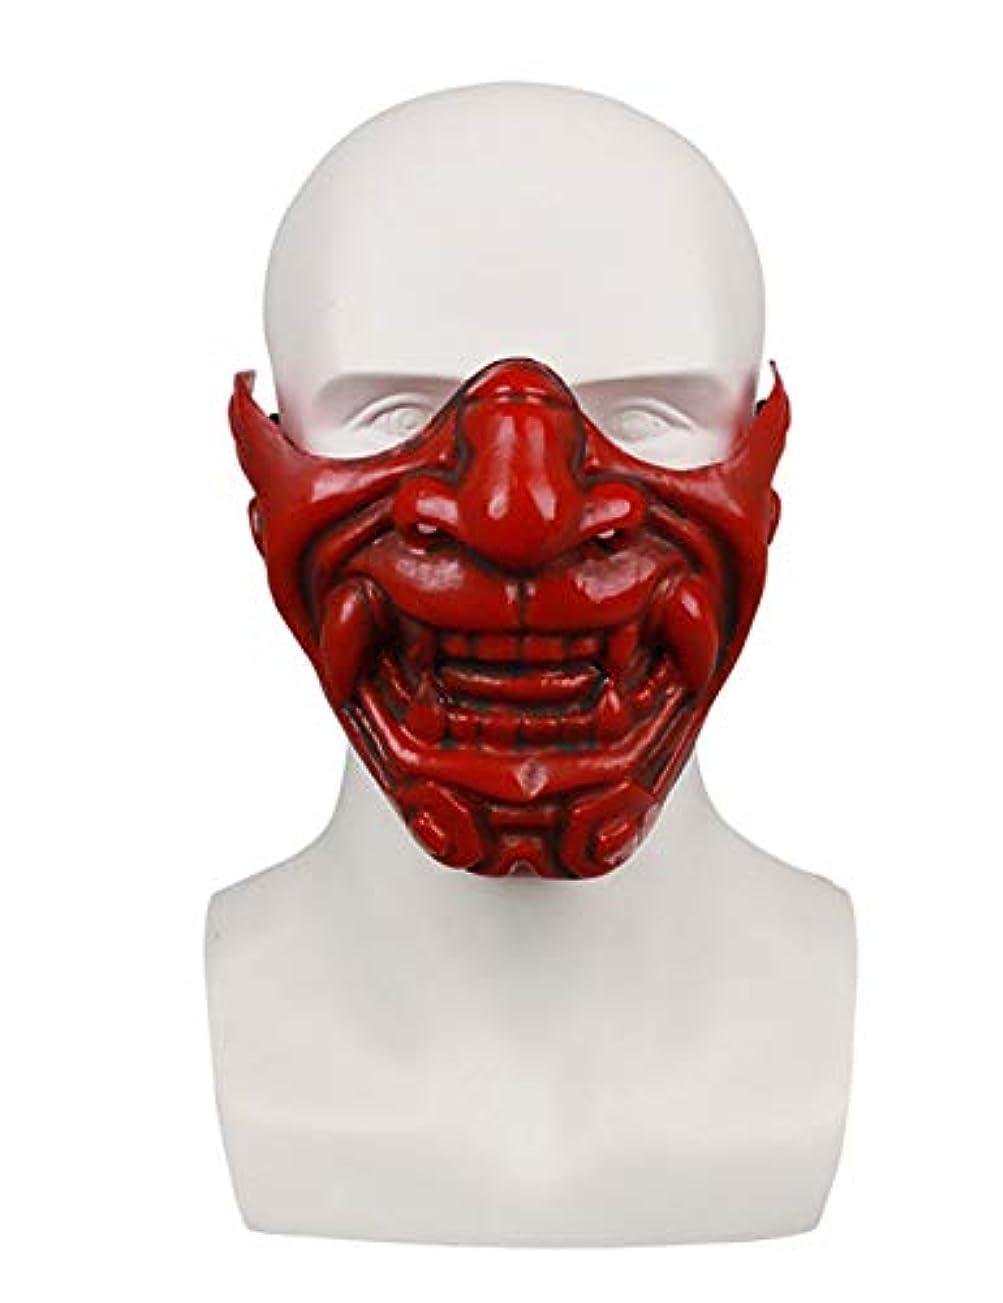 打ち上げるのり上げるハロウィーンハーフフェイスマスクホラーデビルマスク映画の小道具仮装マスク (Color : RED)